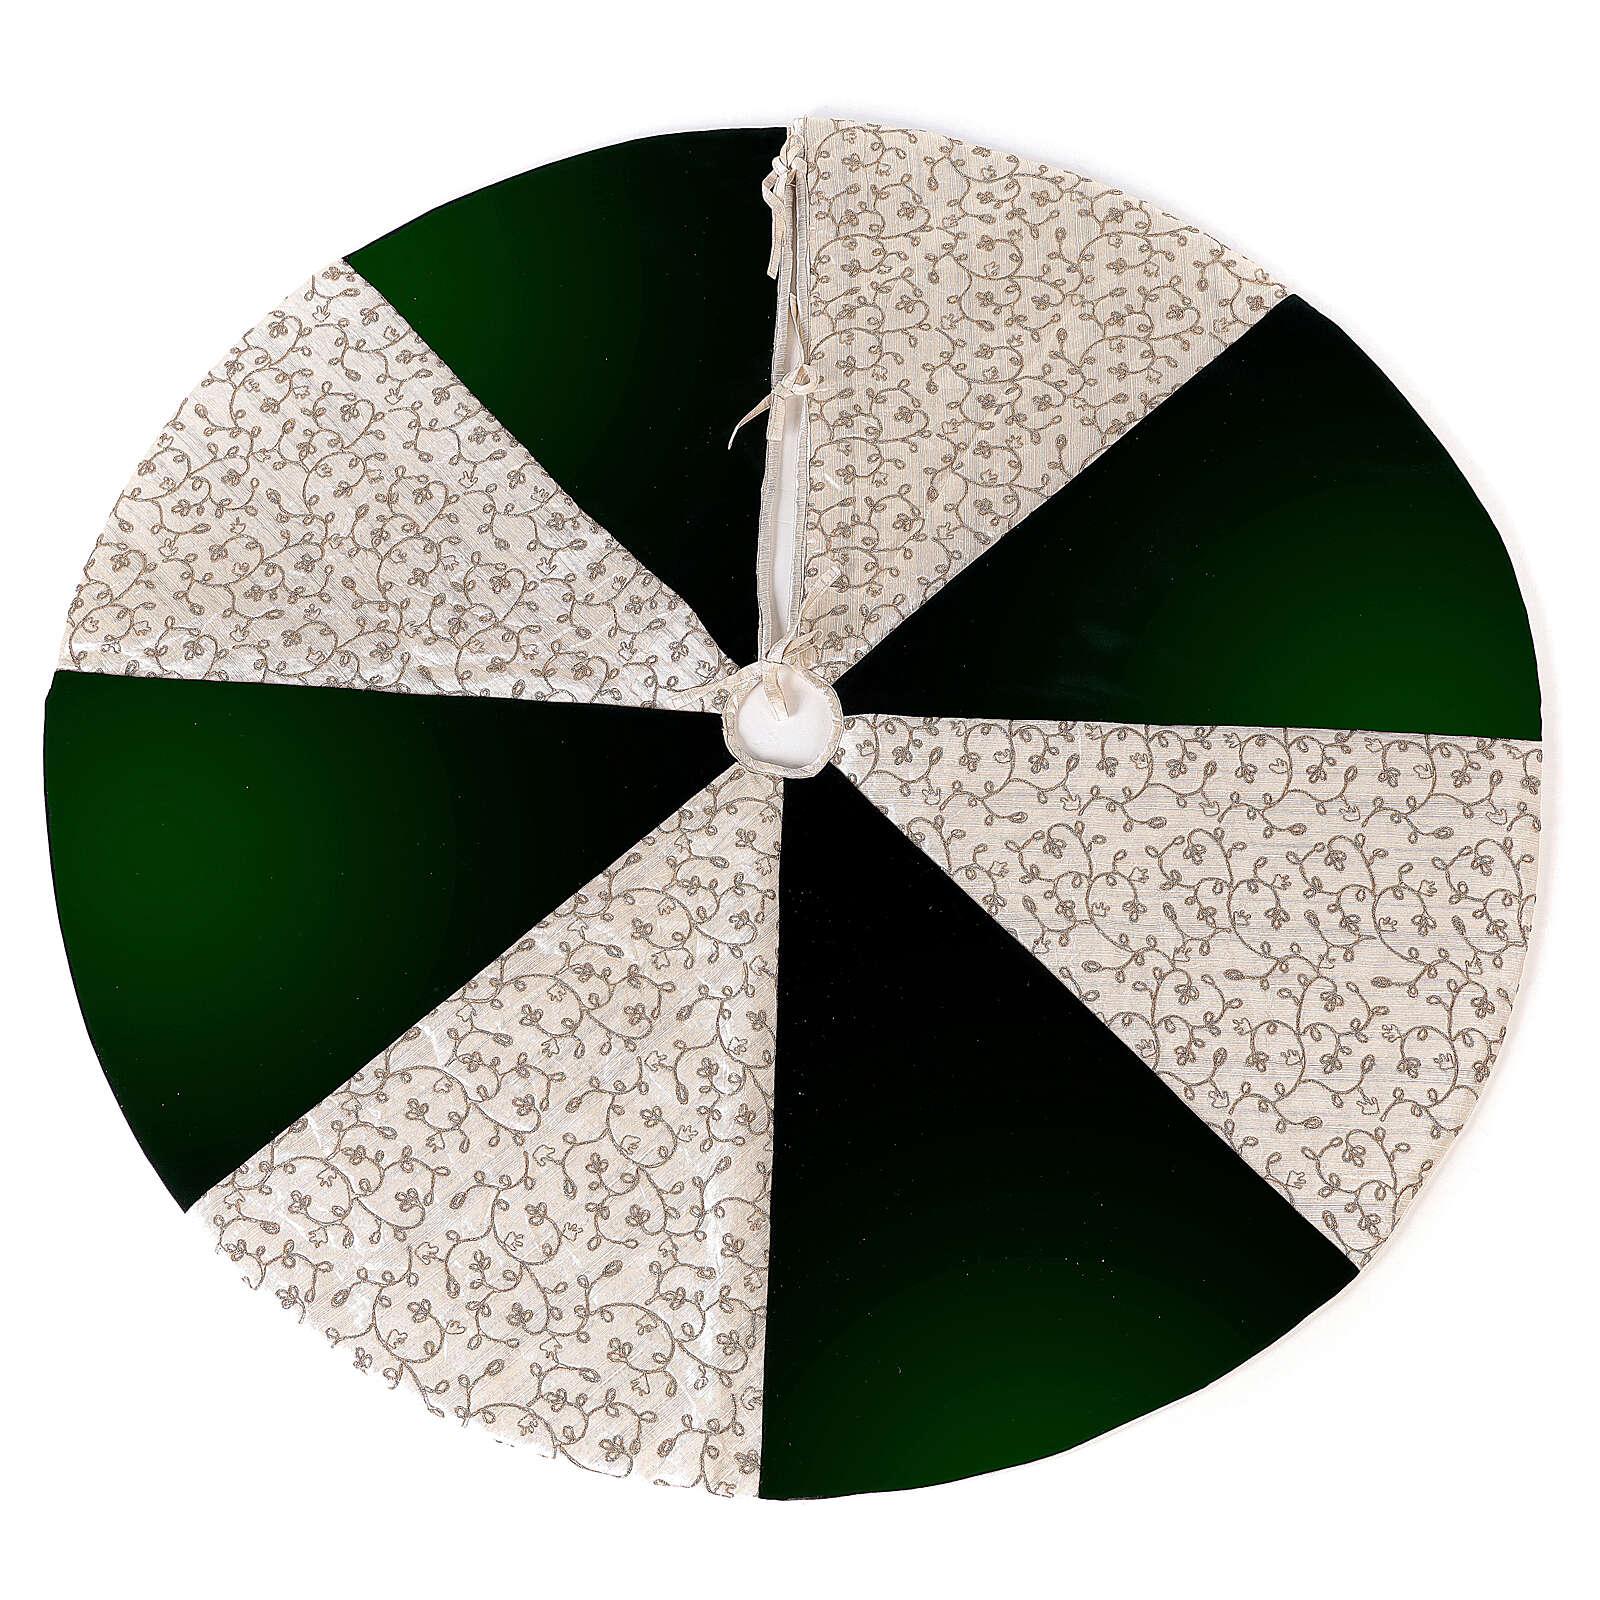 Copribase Albero Natale bianco verde d. 1,20 cm poli. rayon cotone 3